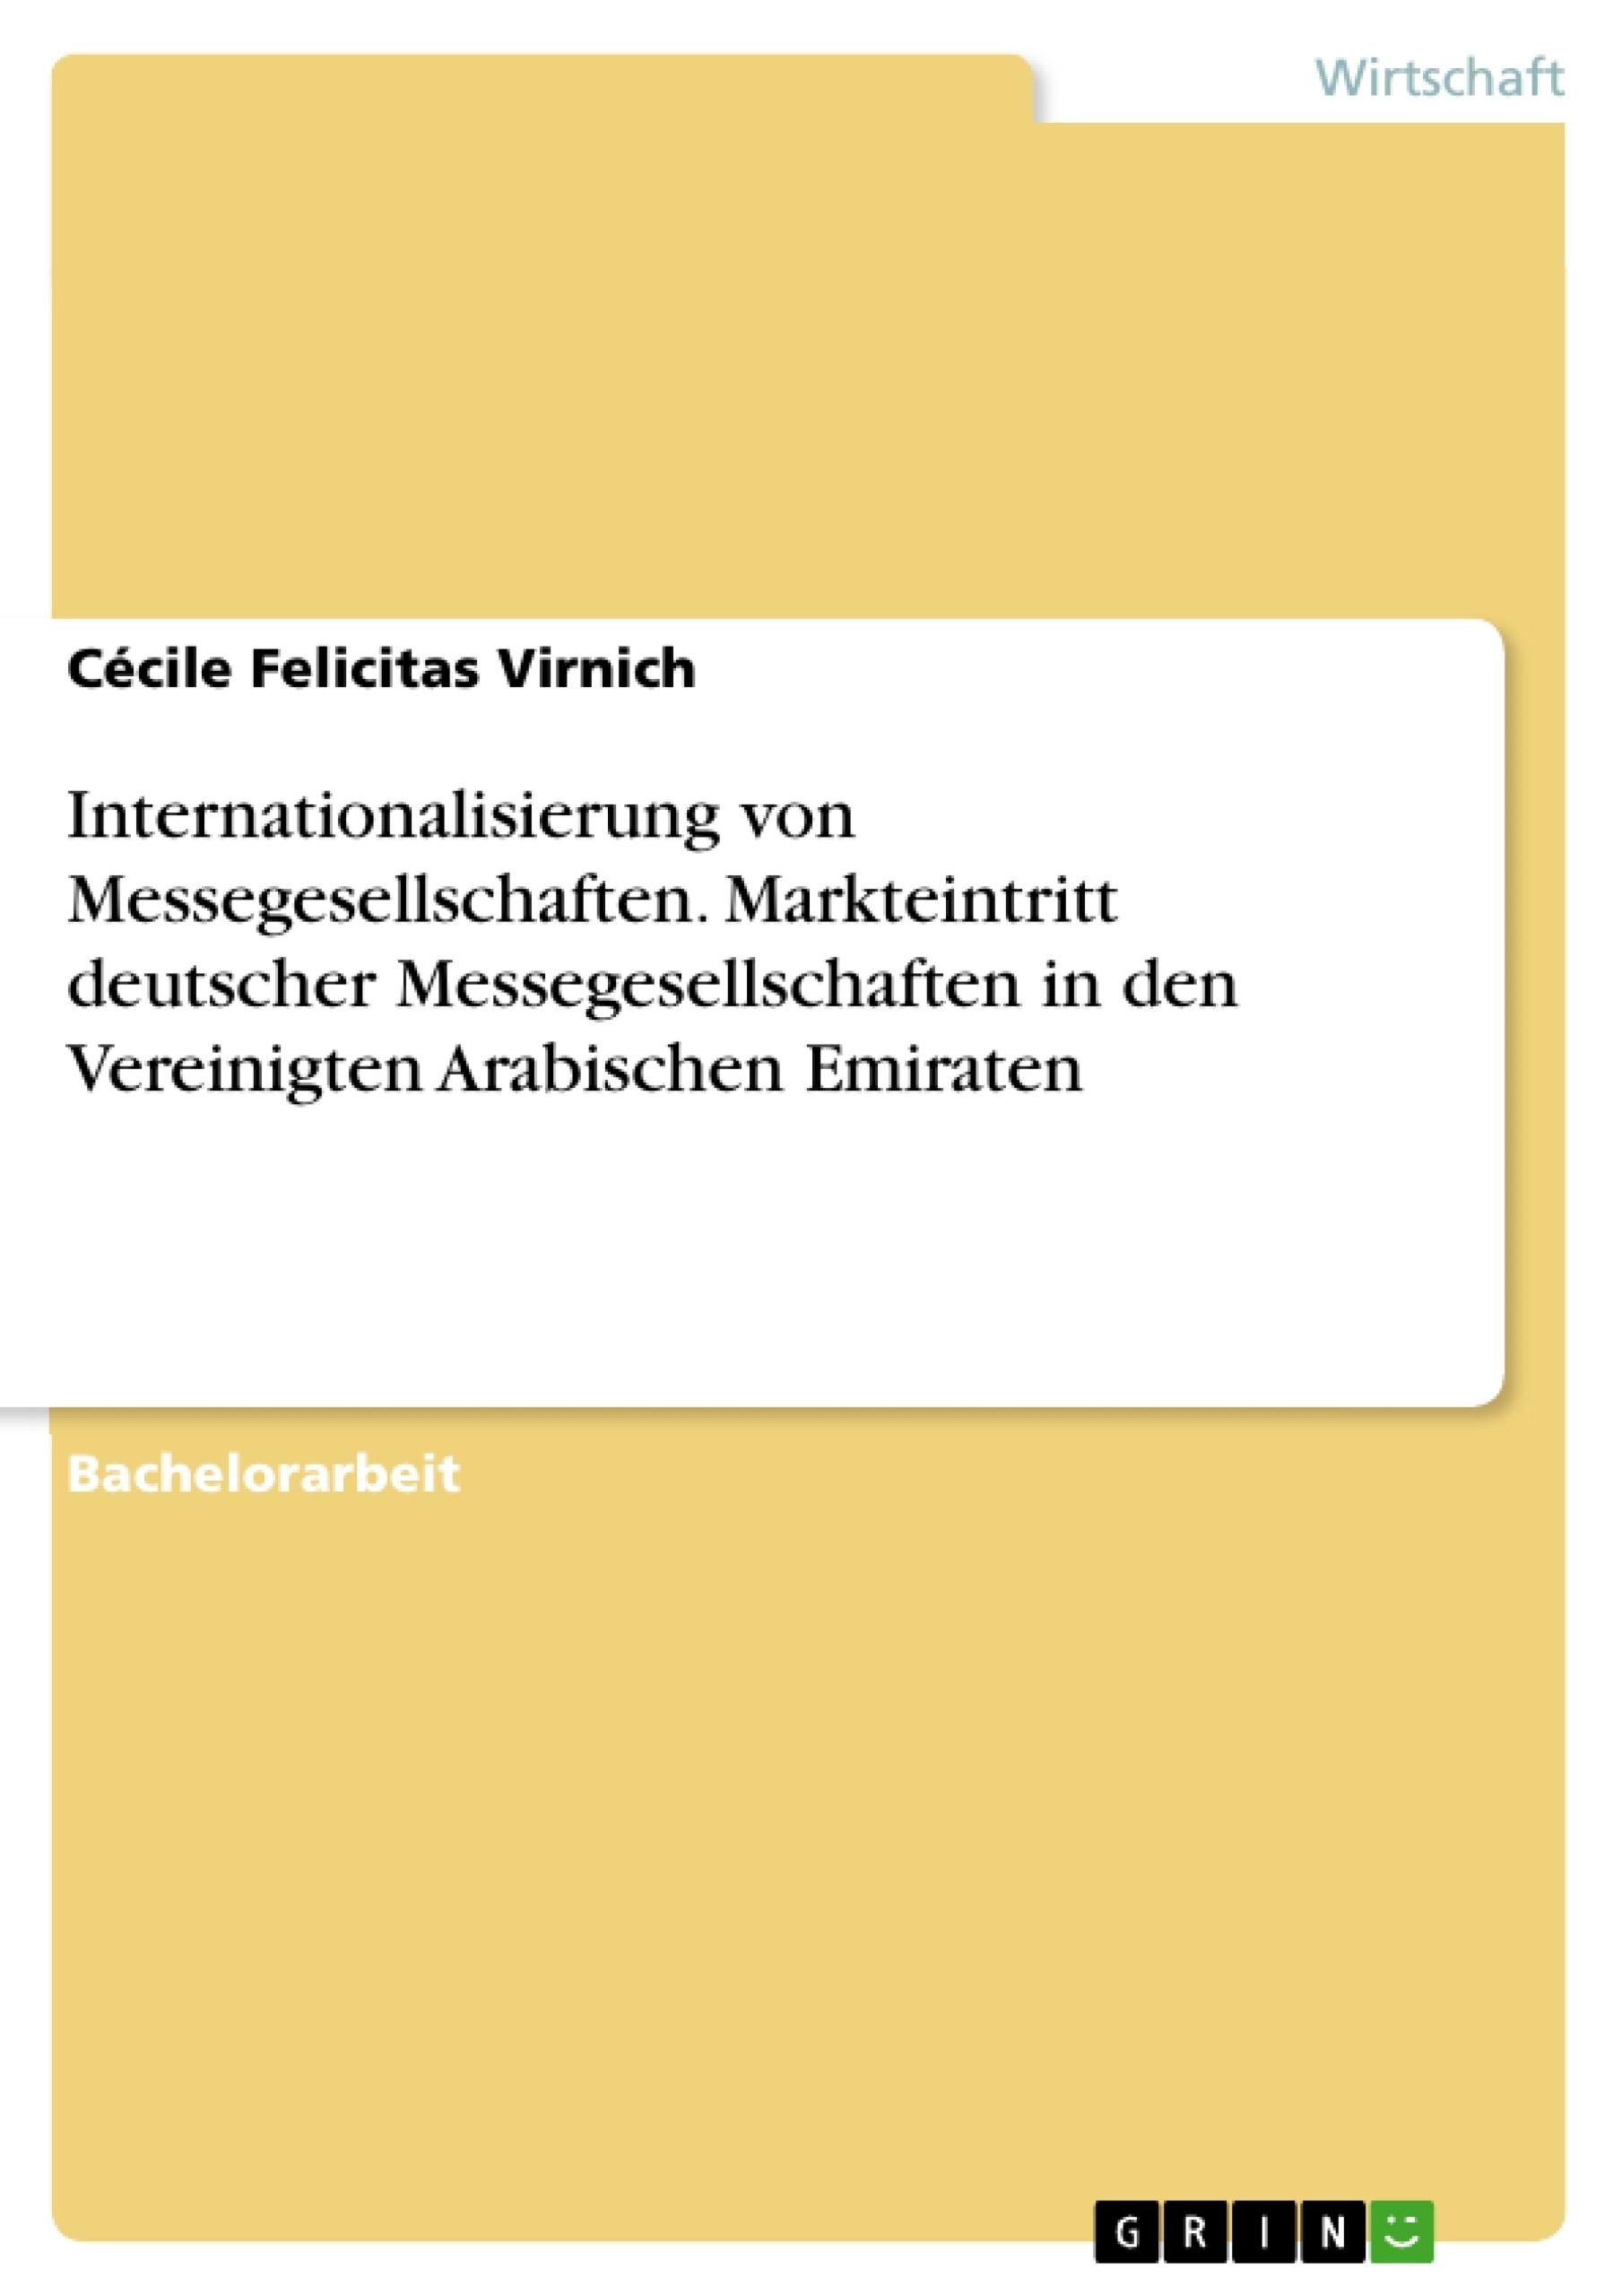 Titel: Internationalisierung von Messegesellschaften. Markteintritt deutscher Messegesellschaften in den Vereinigten Arabischen Emiraten